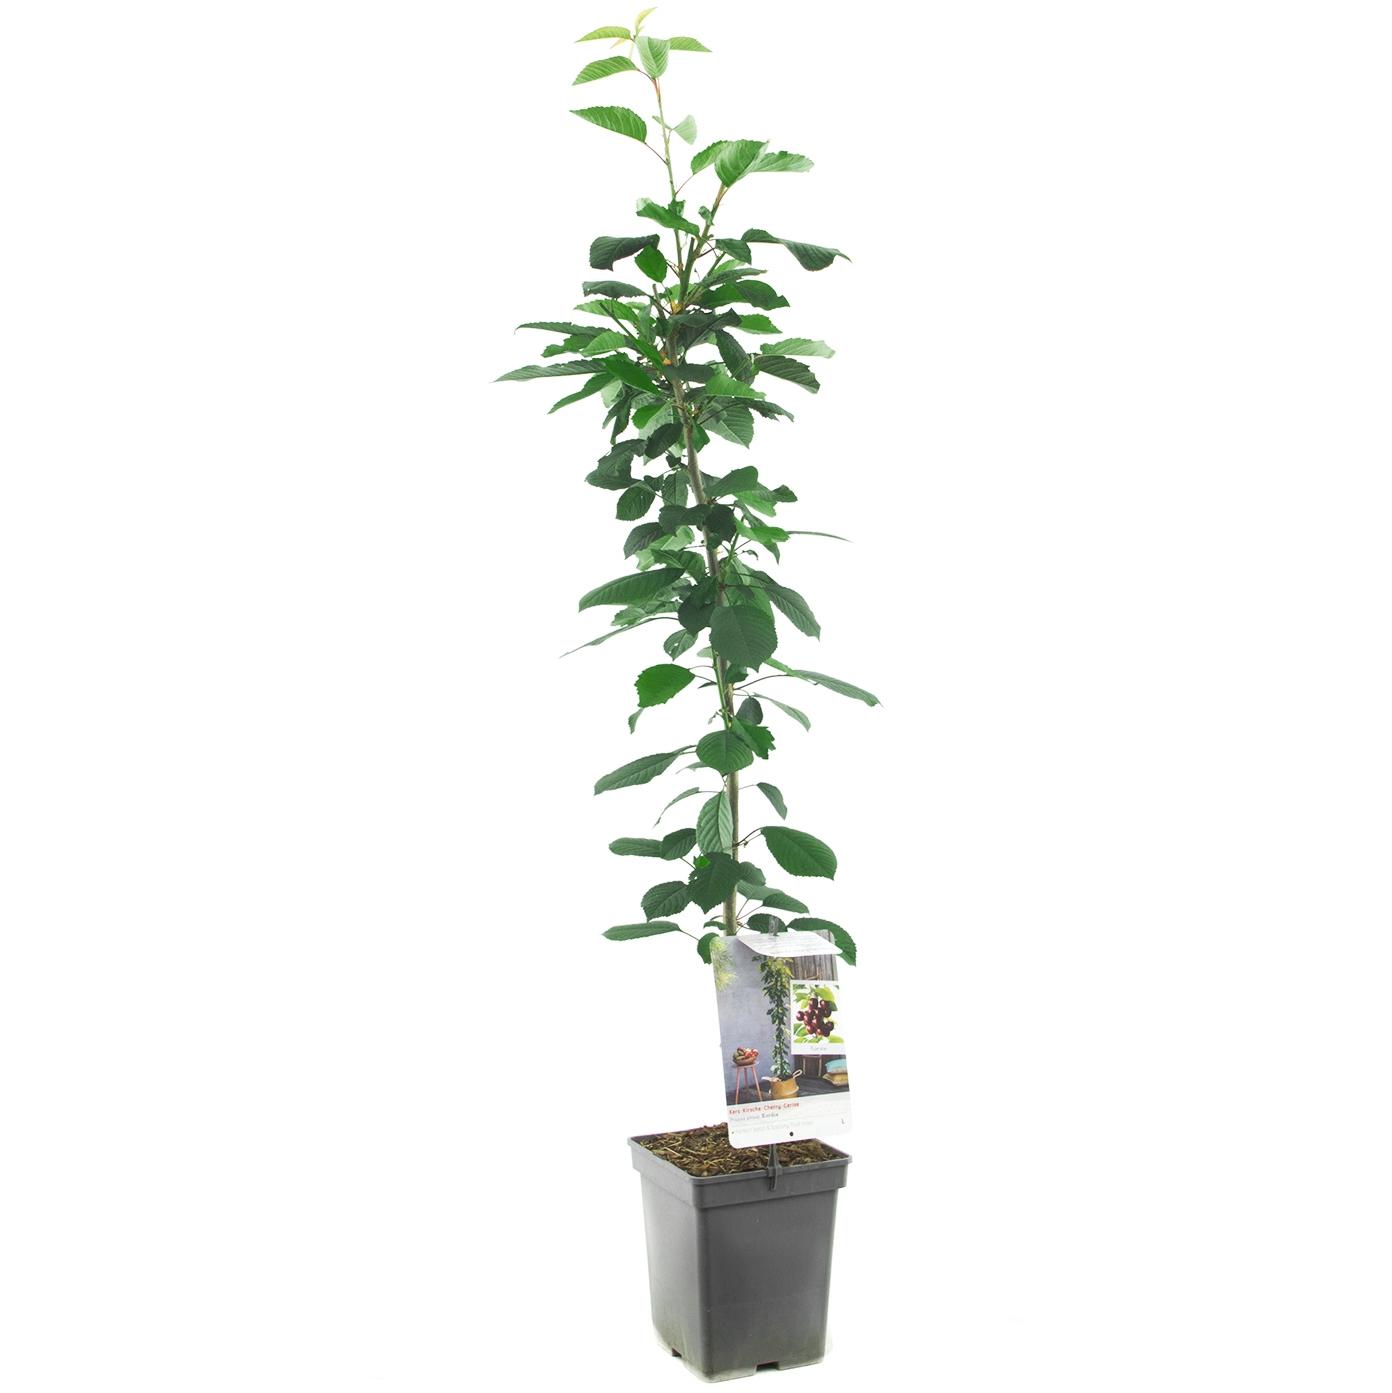 Zuil-kersenboom Prunus avium 'Kordia'